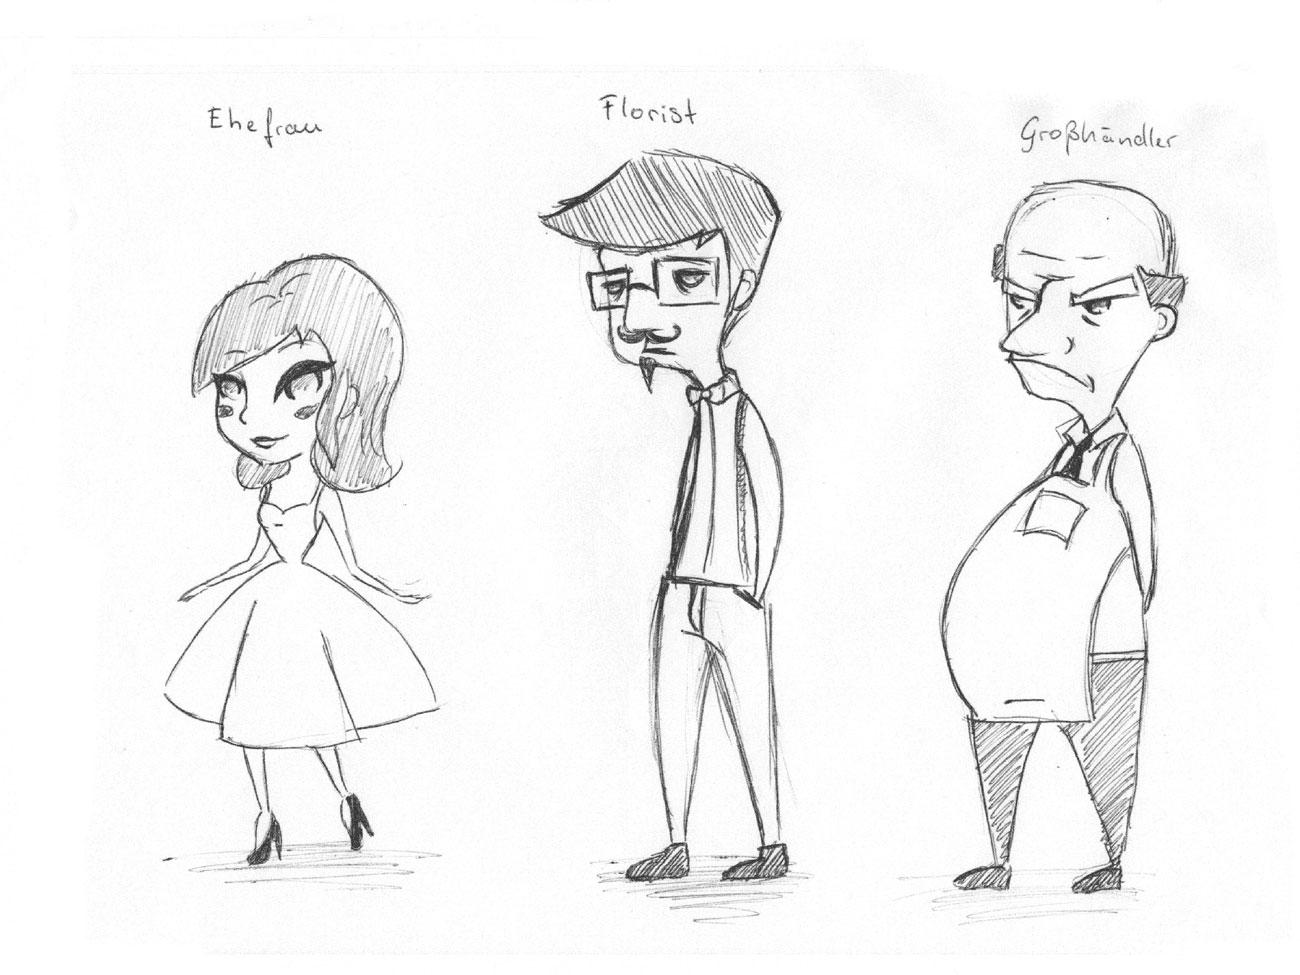 Charakterentwurf Mann Frau und grumpiger Mann